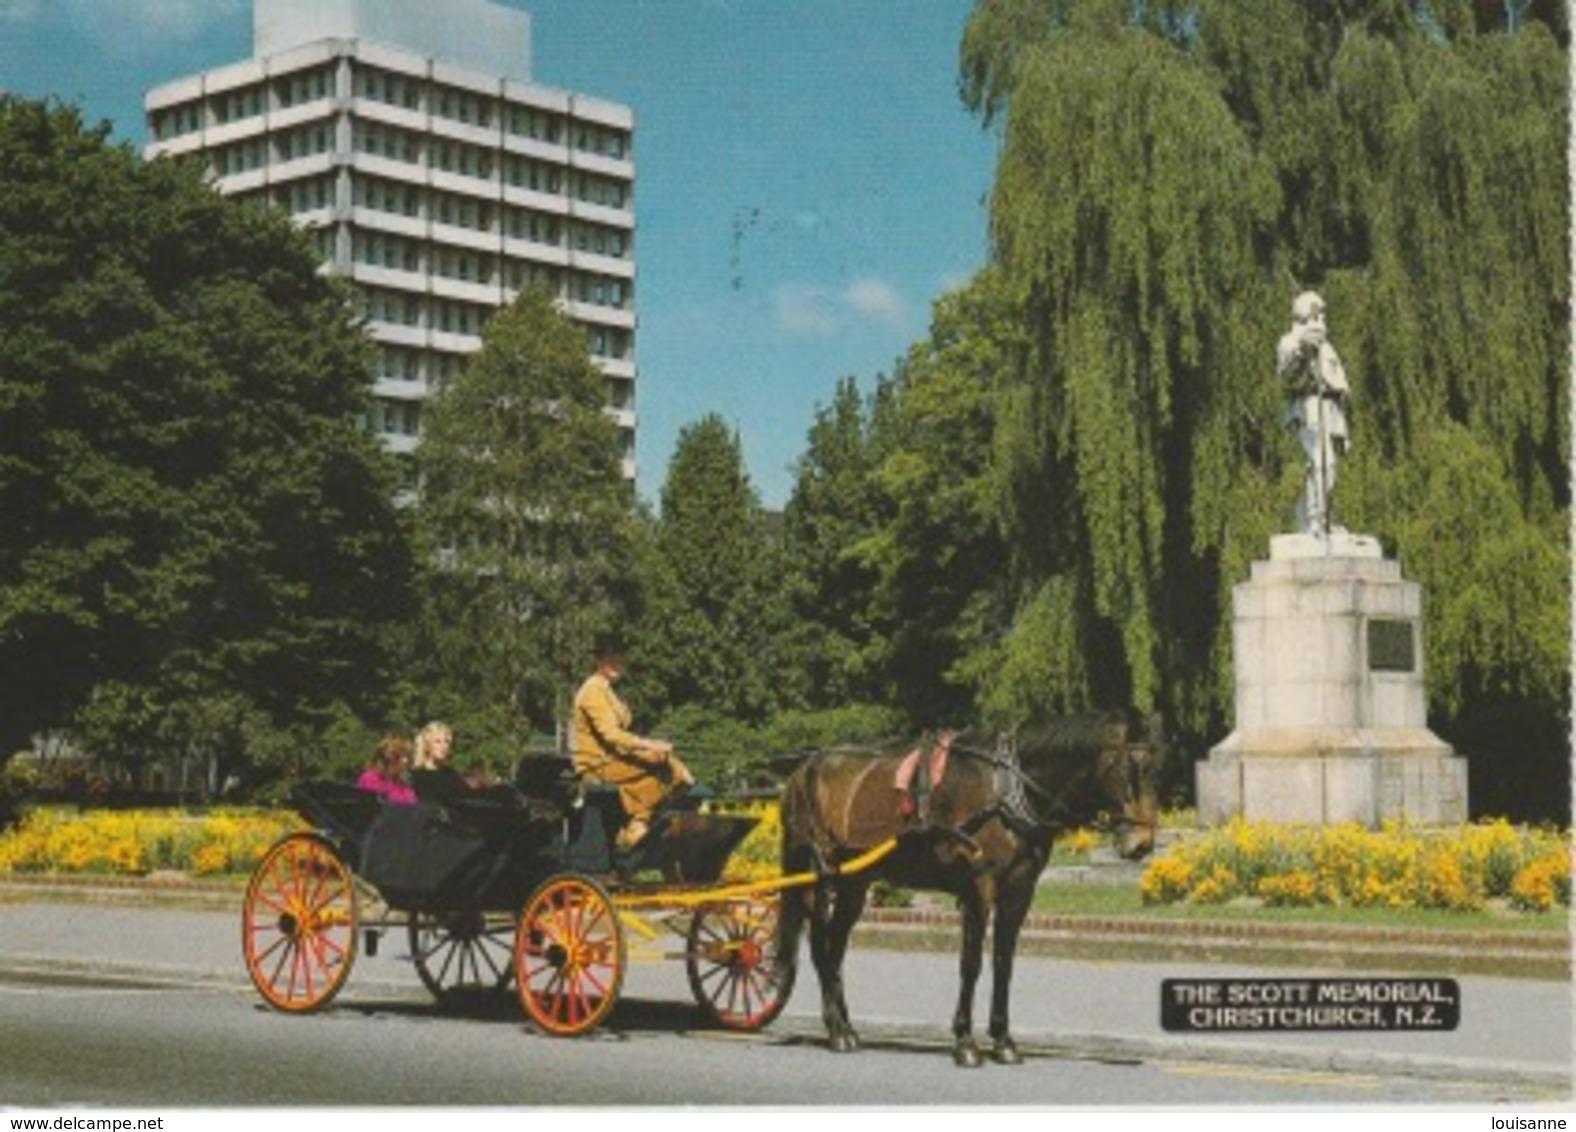 19 / 9 / 187. -  NEWW  ZEELAND  -  THE  MEMORIAL , CHRISTCHURCH. - C P M - Nouvelle-Zélande